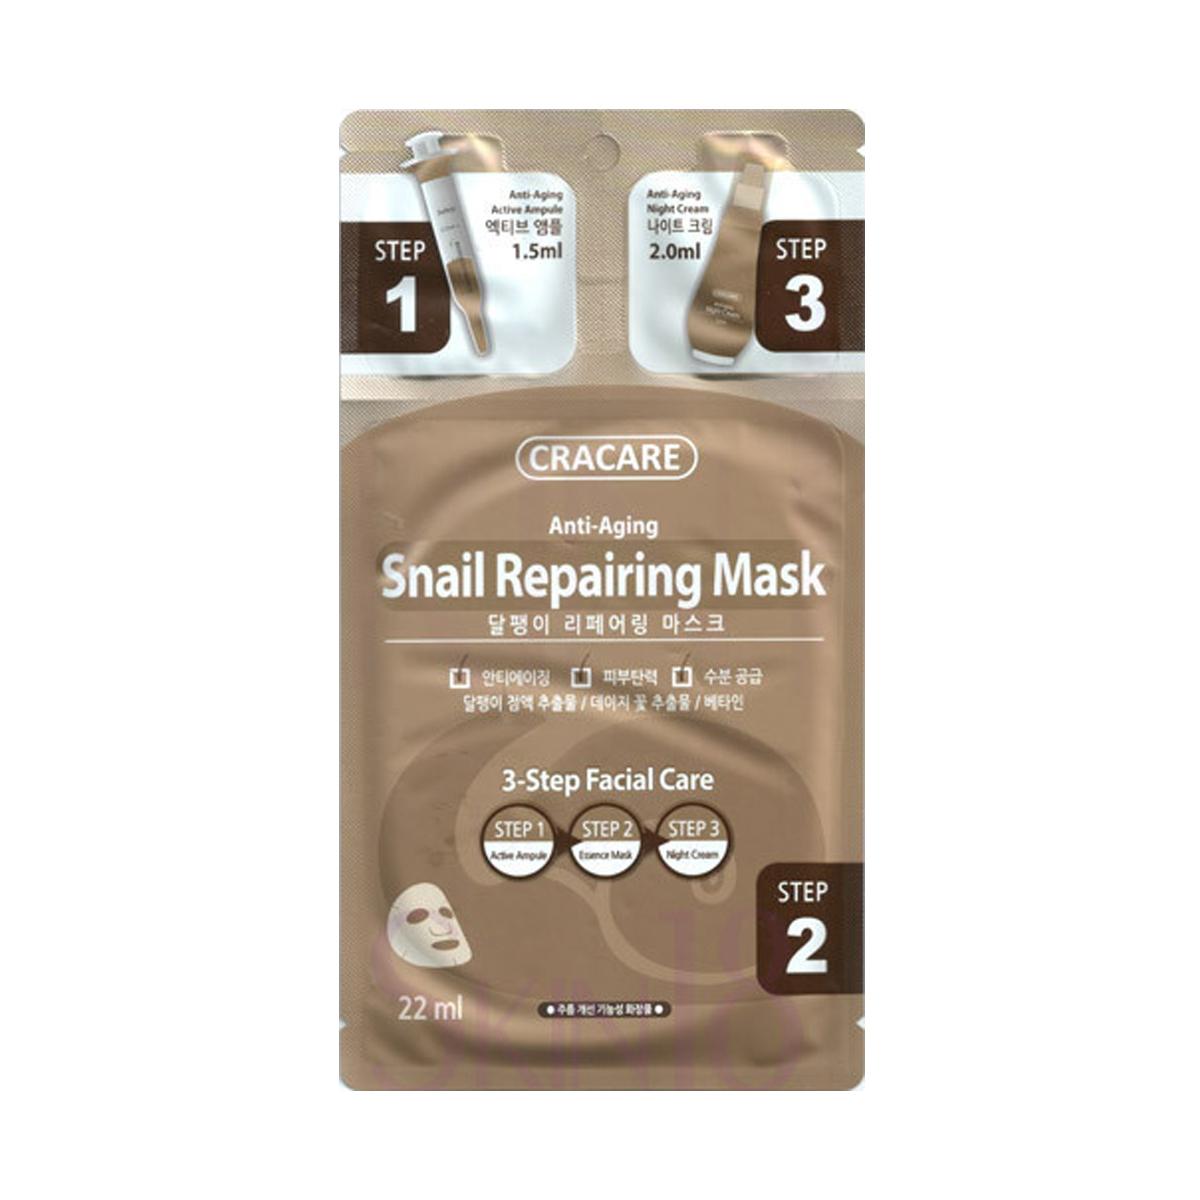 Cracare Регенерирующая маска с экстрактом слизи улитки 3 шага929622Регенерирующая маска с экстрактом слизи улитки эффективно регенерирует, восстанавливает и глубоко увлажняет кожу. 3-х Ступенчитая Противовозрастная Система Активная ампула. На очищенную кожу нанести умеренное количество, преимущественно вокруг глаз и губ, остаток ампулы может быть нанесено на область, которая Вас больше всего беспокоит. Маска. Нанести маску на лицо, оставить на 20-30 минут. .Затем снять маску, а остатки геля легкими движениями распределить по лицу. Ночной крем. Нанести умеренное количество, преимущественно вокруг глаз и губ. Меры предосторожности: Хранить в недоступном для детей месте. Избегать контакта с глазами. Срок годности: 3 года с даты изготовления.